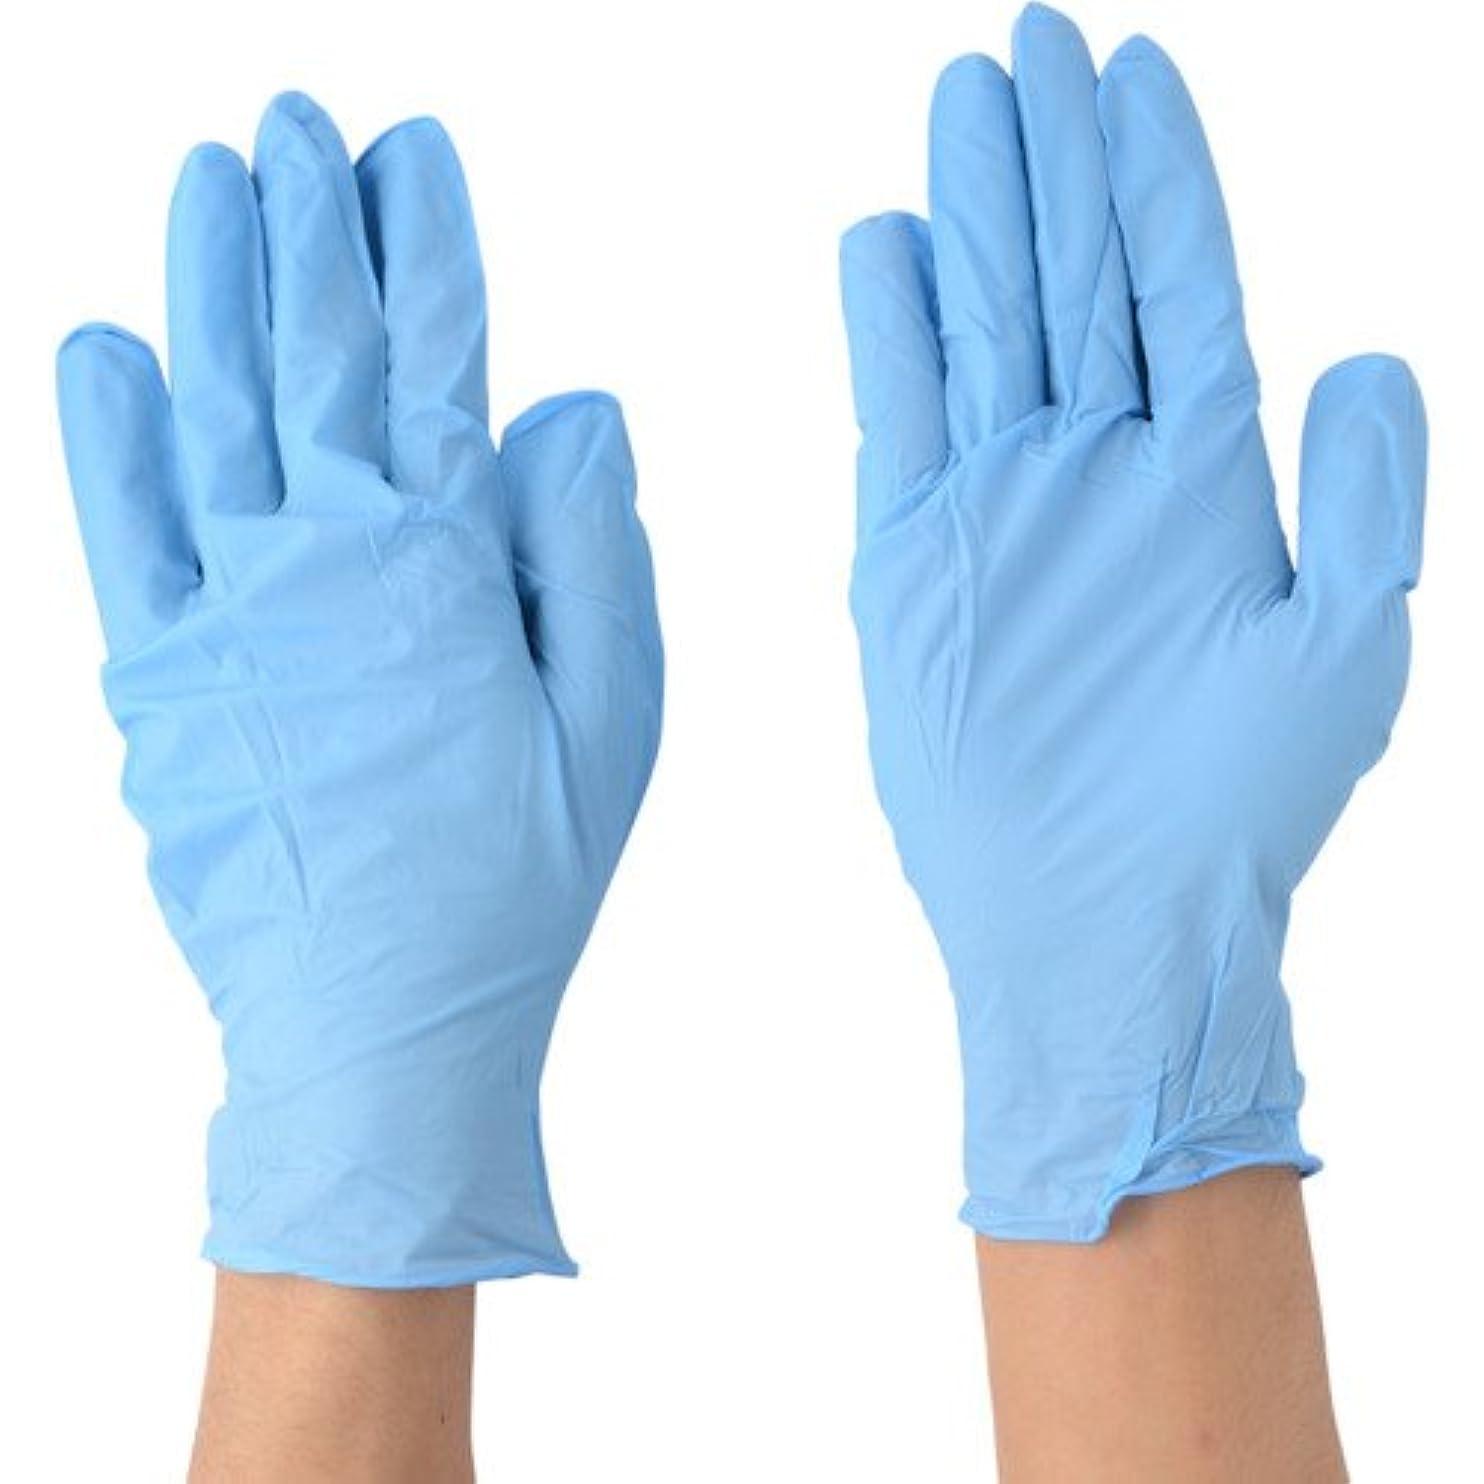 自信がある批判的抑制する川西工業 ニトリル 極薄手袋 ストロング 粉なし 100枚入 #2037 ブルー SS